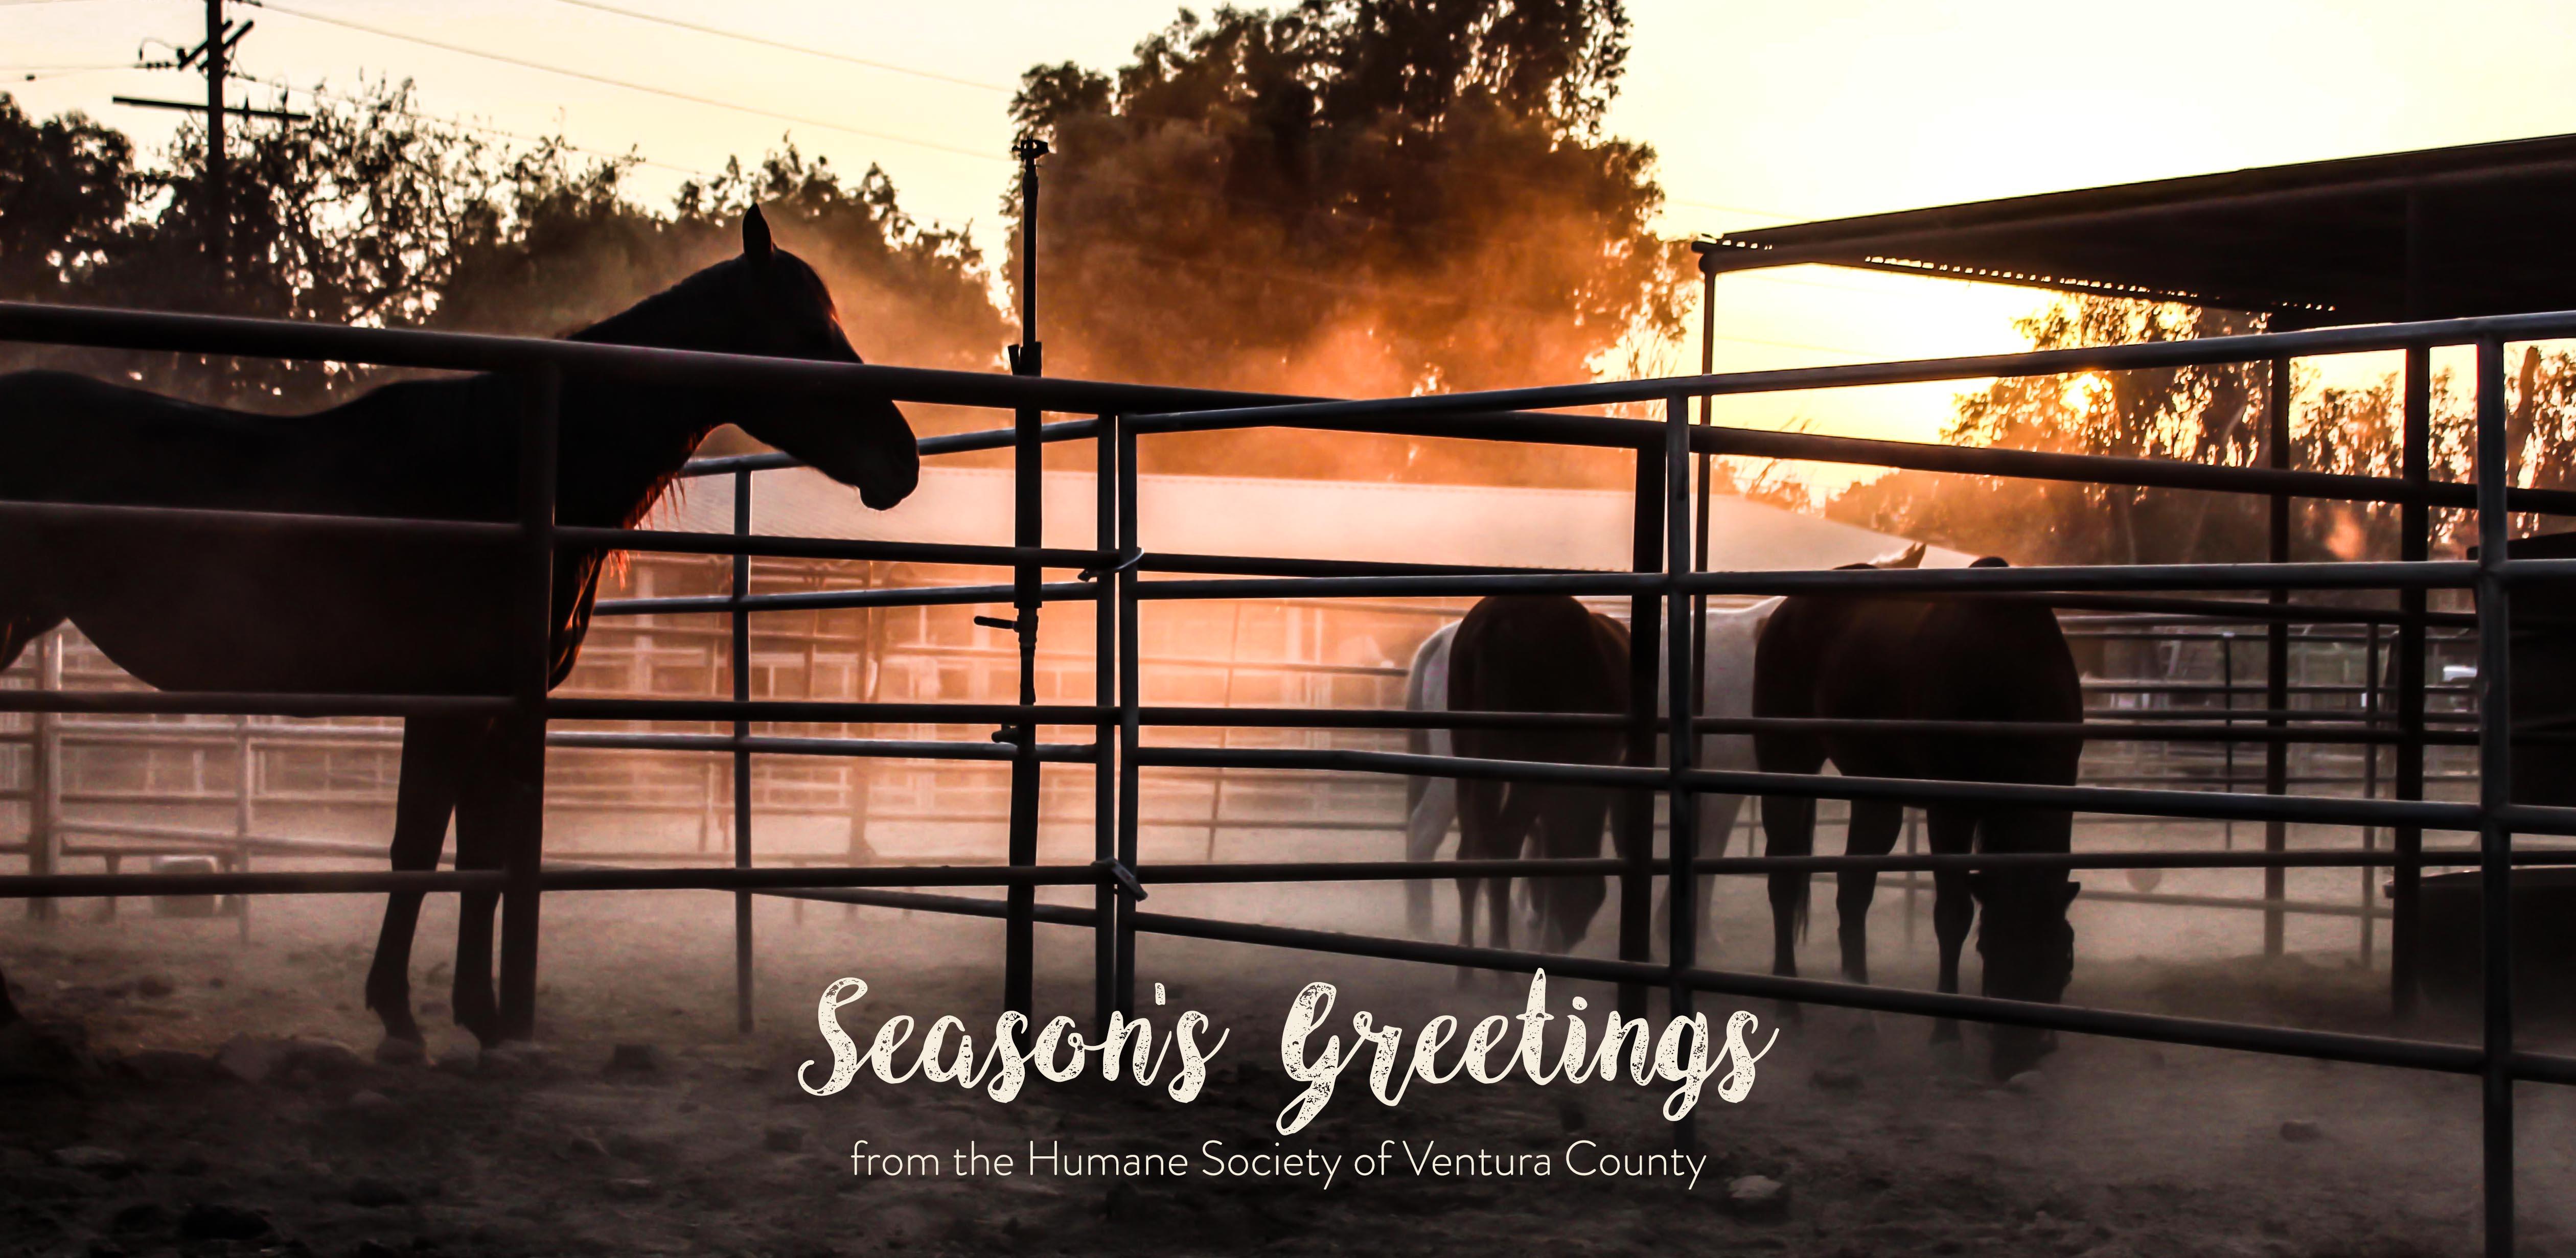 seasons.greetings.jpg